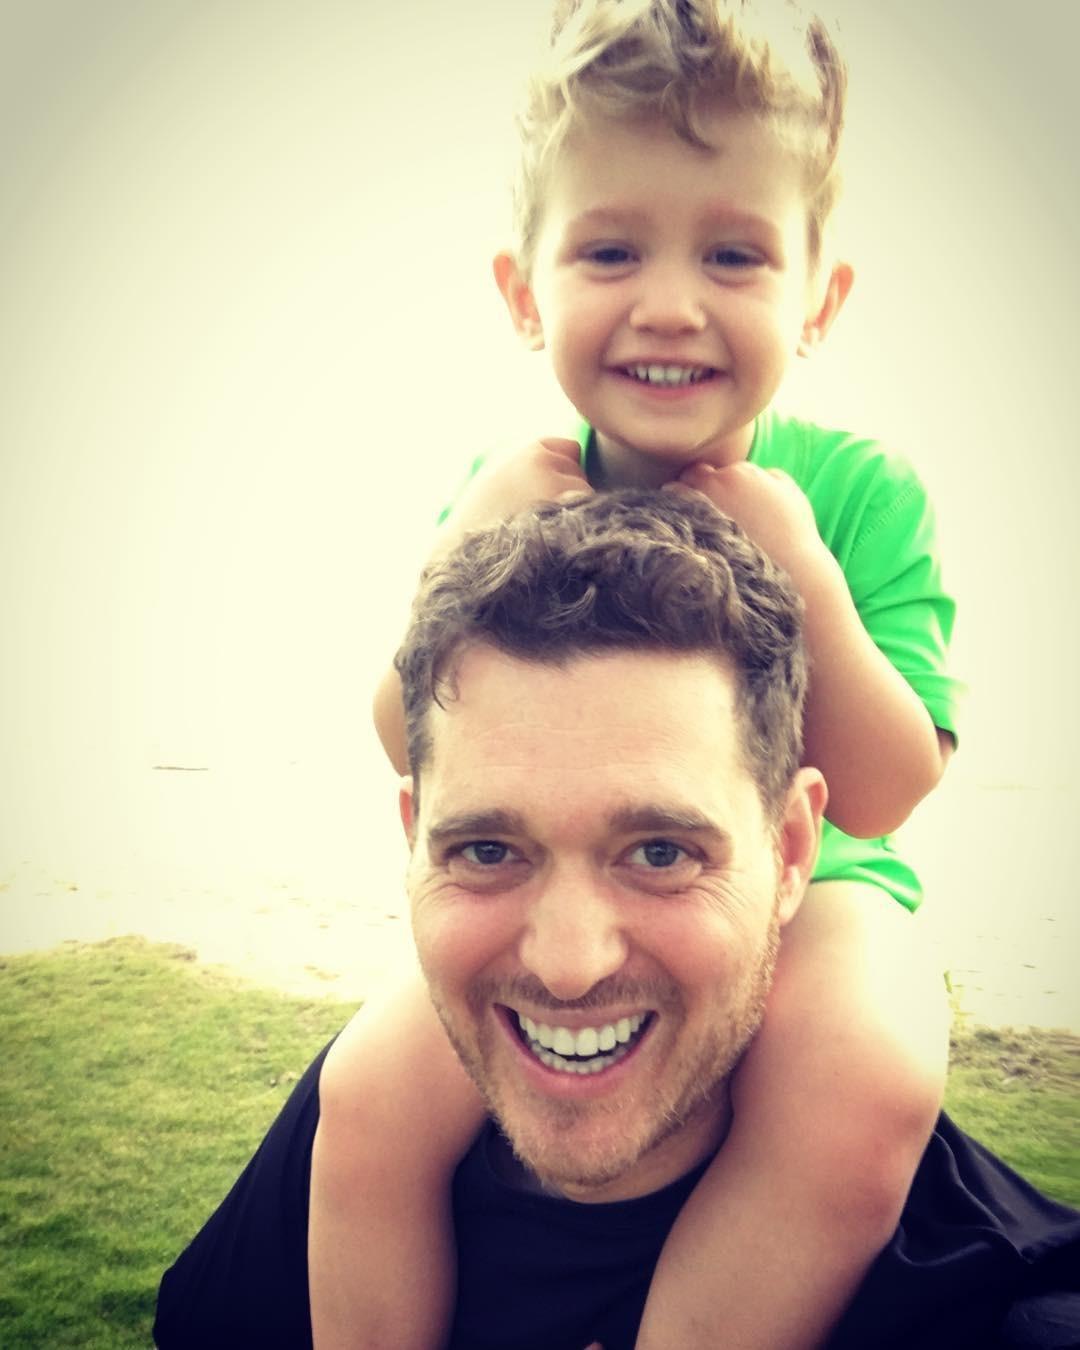 Michael e o filho Noah  (Foto: Reprodução Instagram)